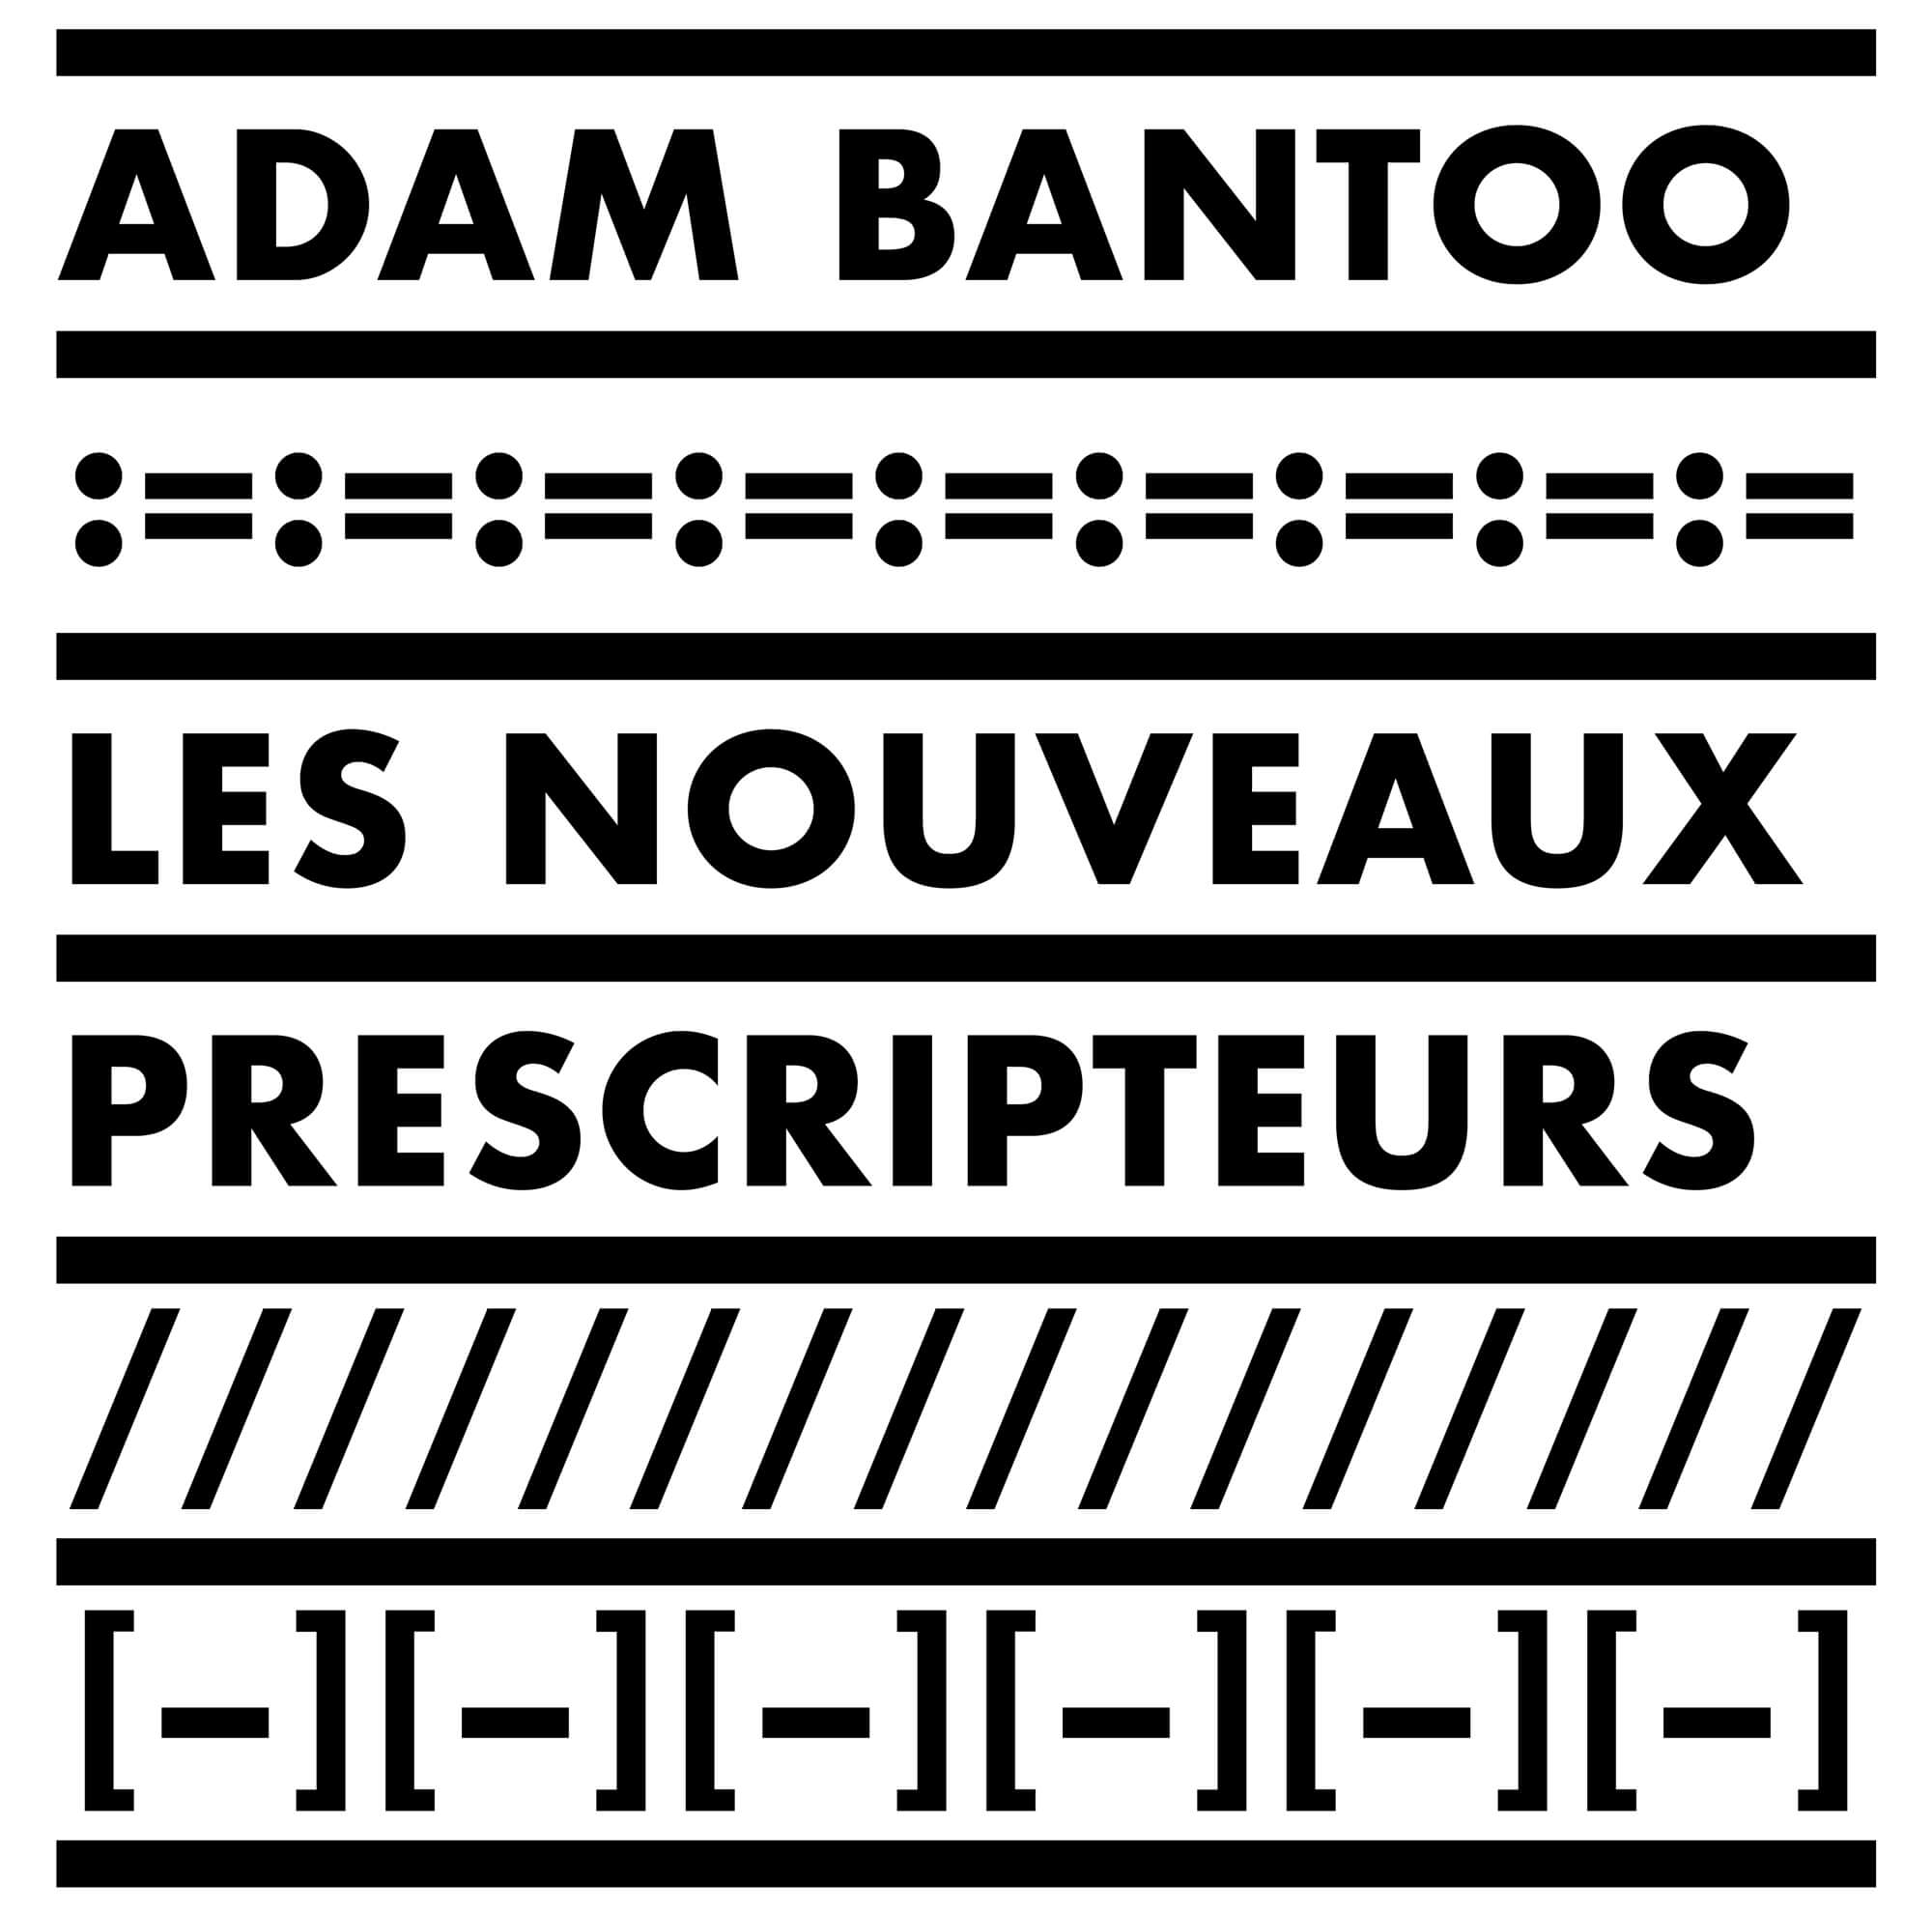 une identité afro-ascii Le studio IchetKar dessine une série de motifs typographique pour l'agence de conseil en stratégie Adam Bantoo